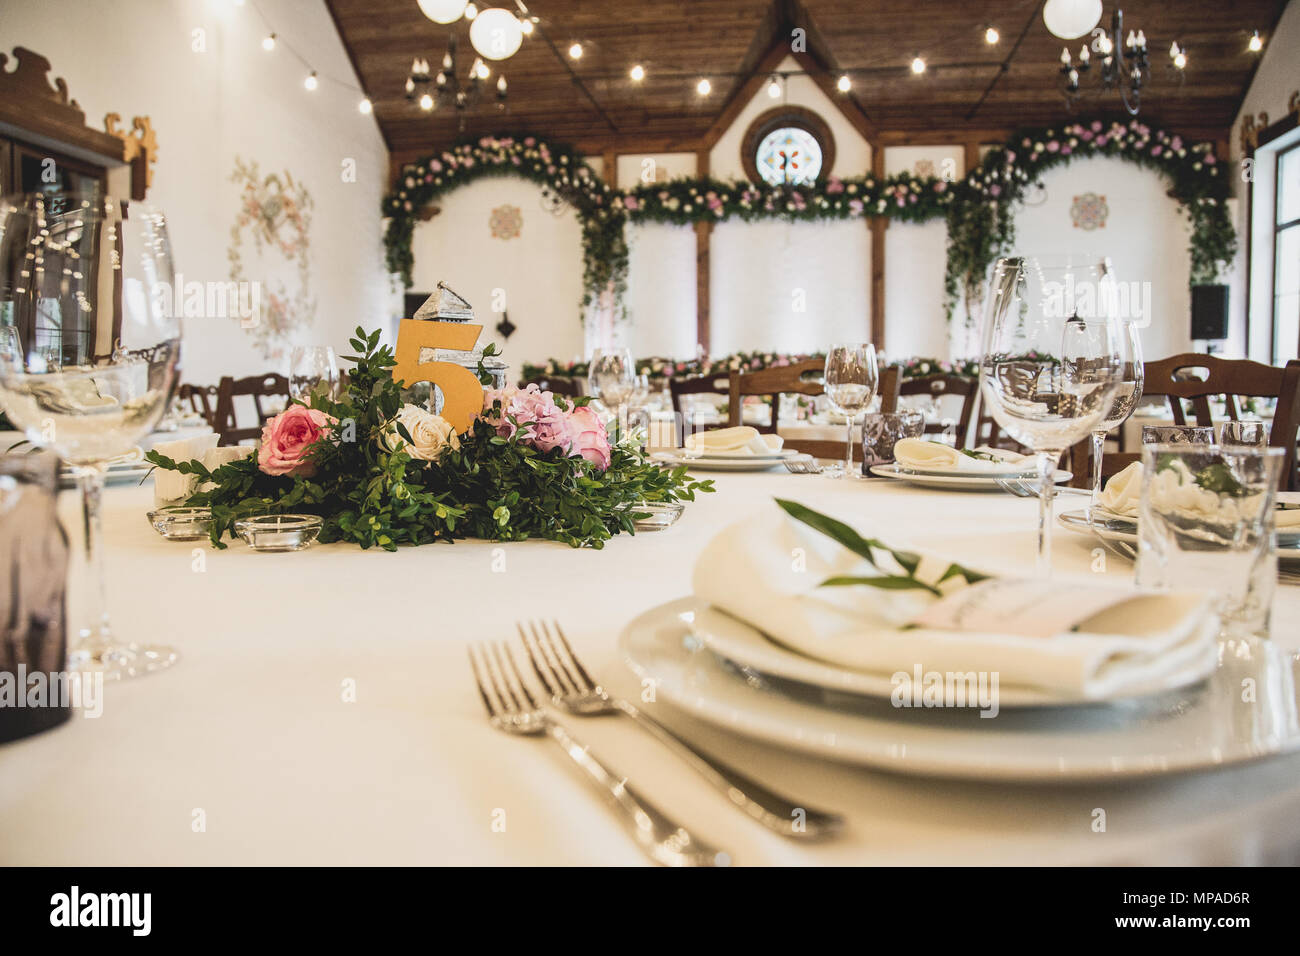 Hochzeit Tisch Im Restaurant Mit Vielen Transparenten Glaser